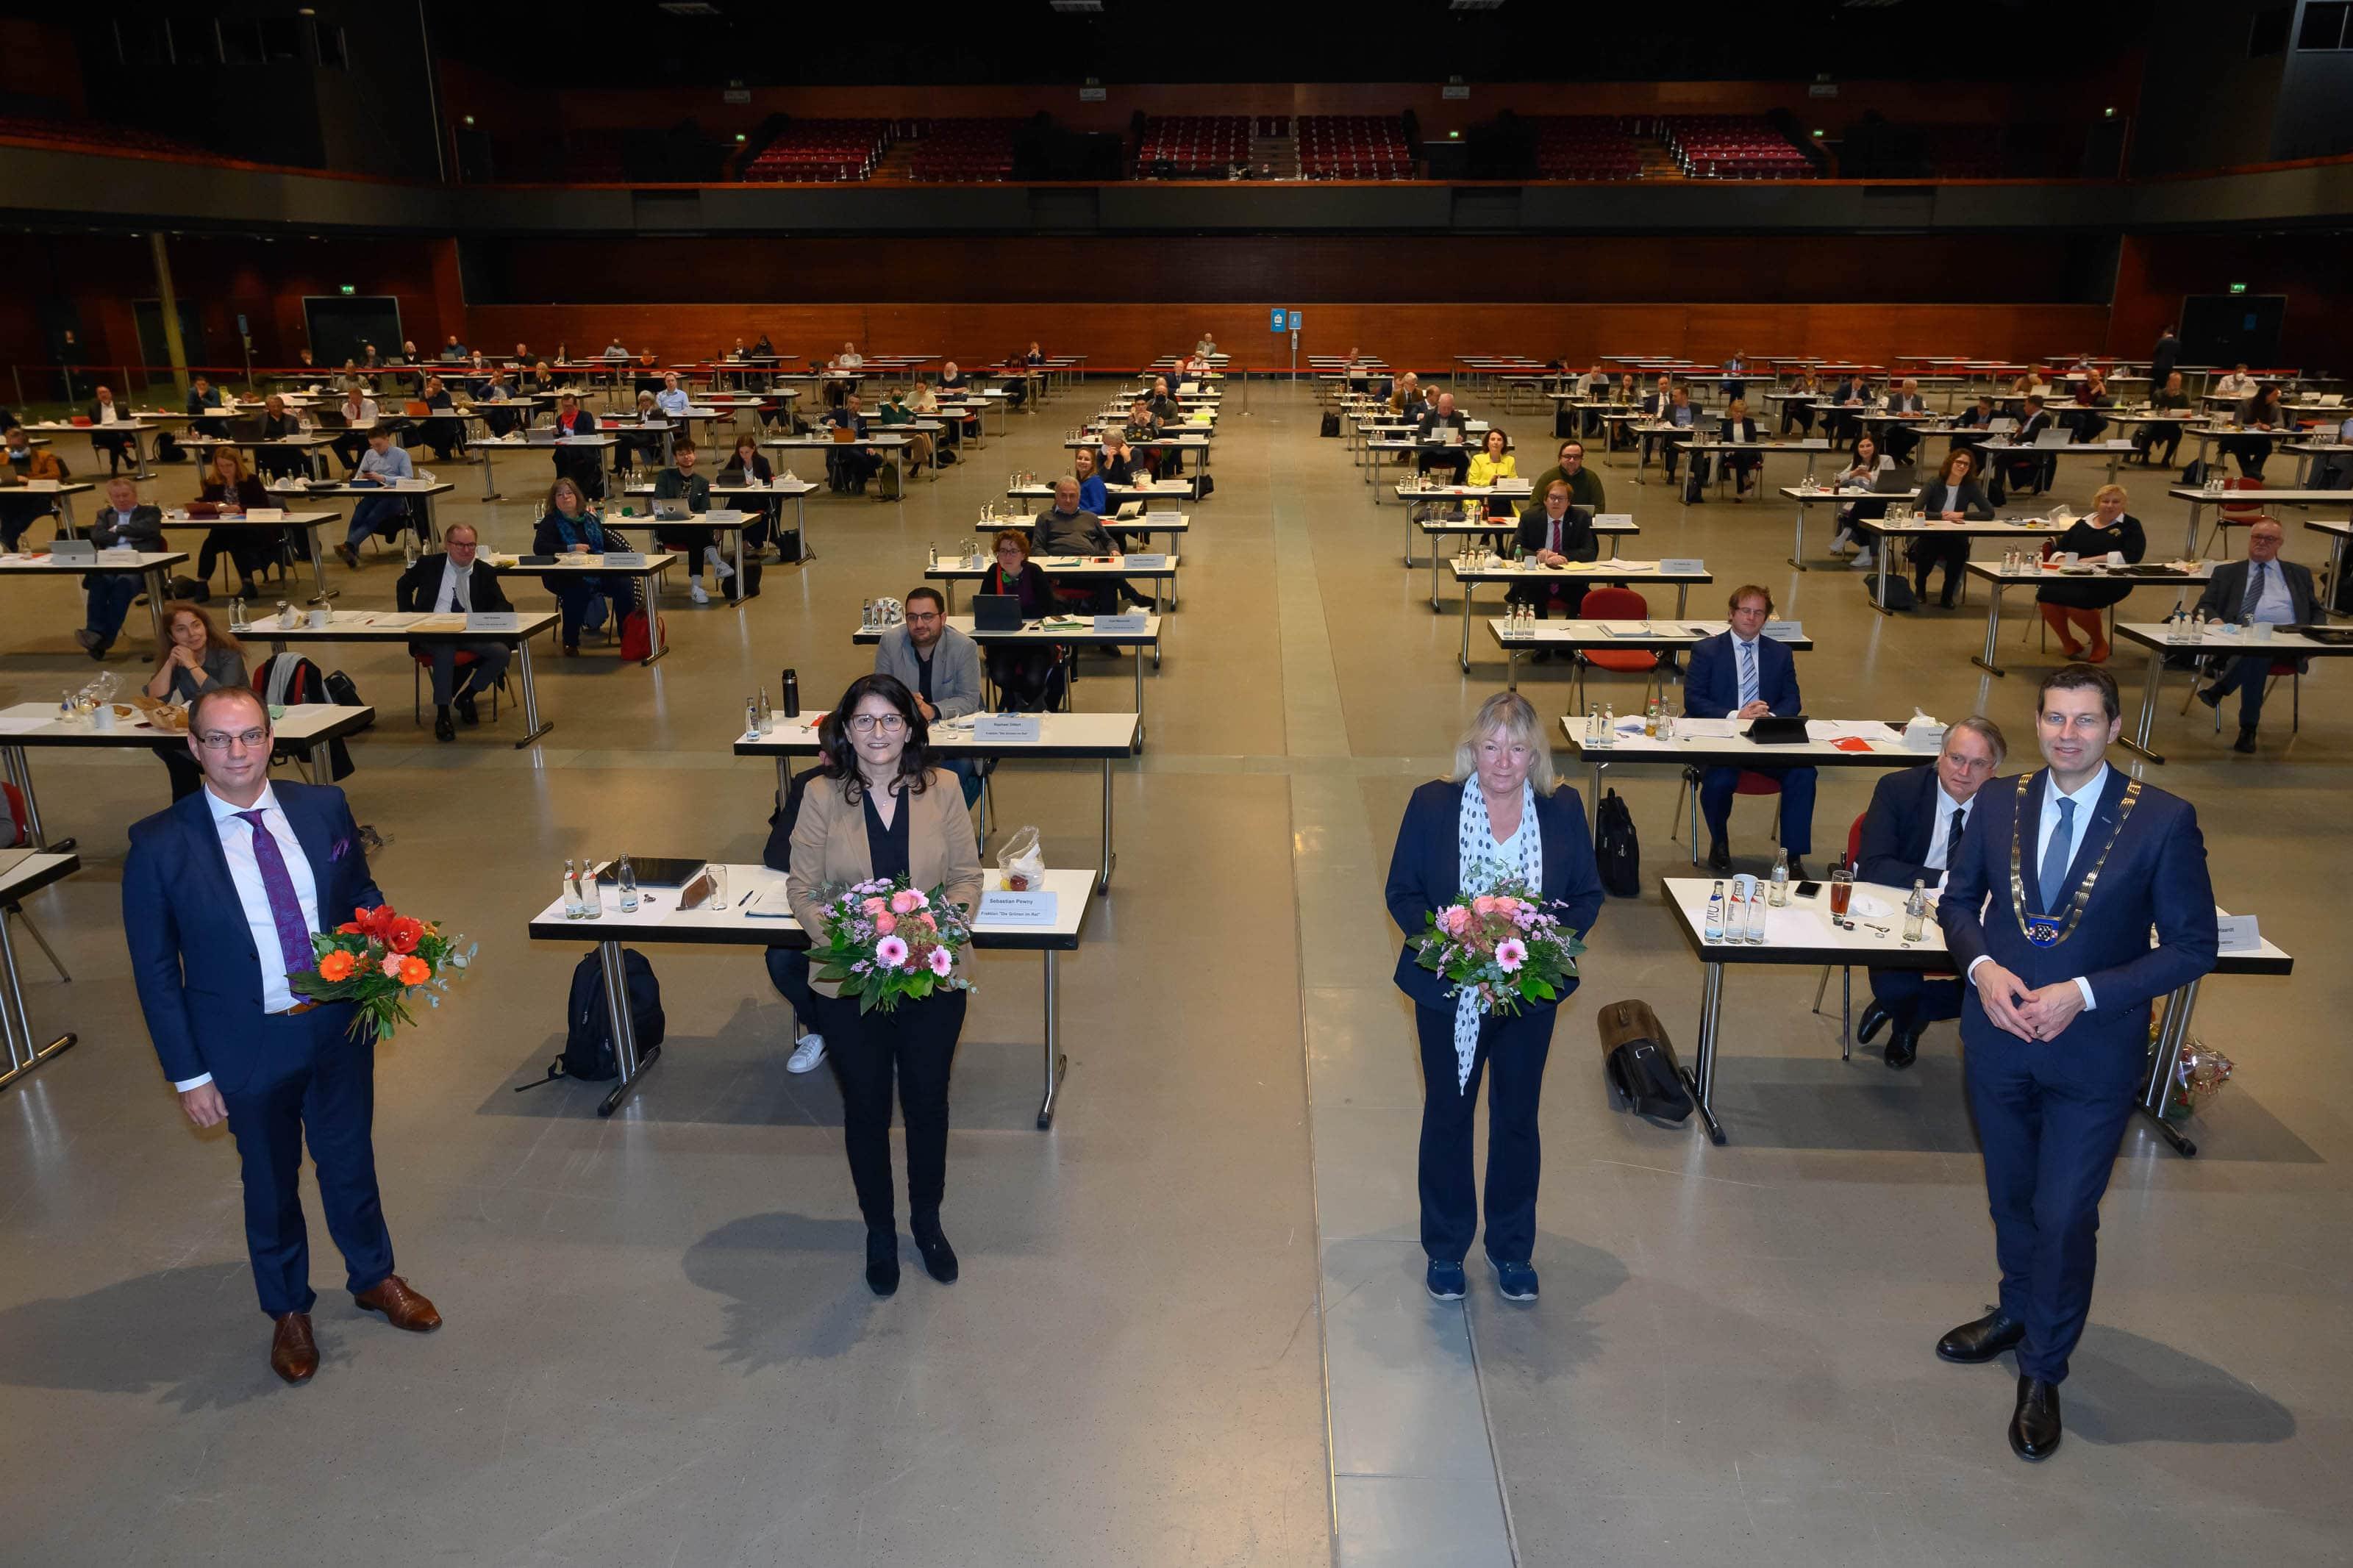 Konstituierende Ratssitzung mit Amtseinführung des wiedergewählten Oberbürgermeisters Thomas Eiskirch und Wahl sowie Amtseinführung seiner Stellvertreter, den Bürgermeisterinnen und des Bürgermeisters in Bochum am 19.11.2020